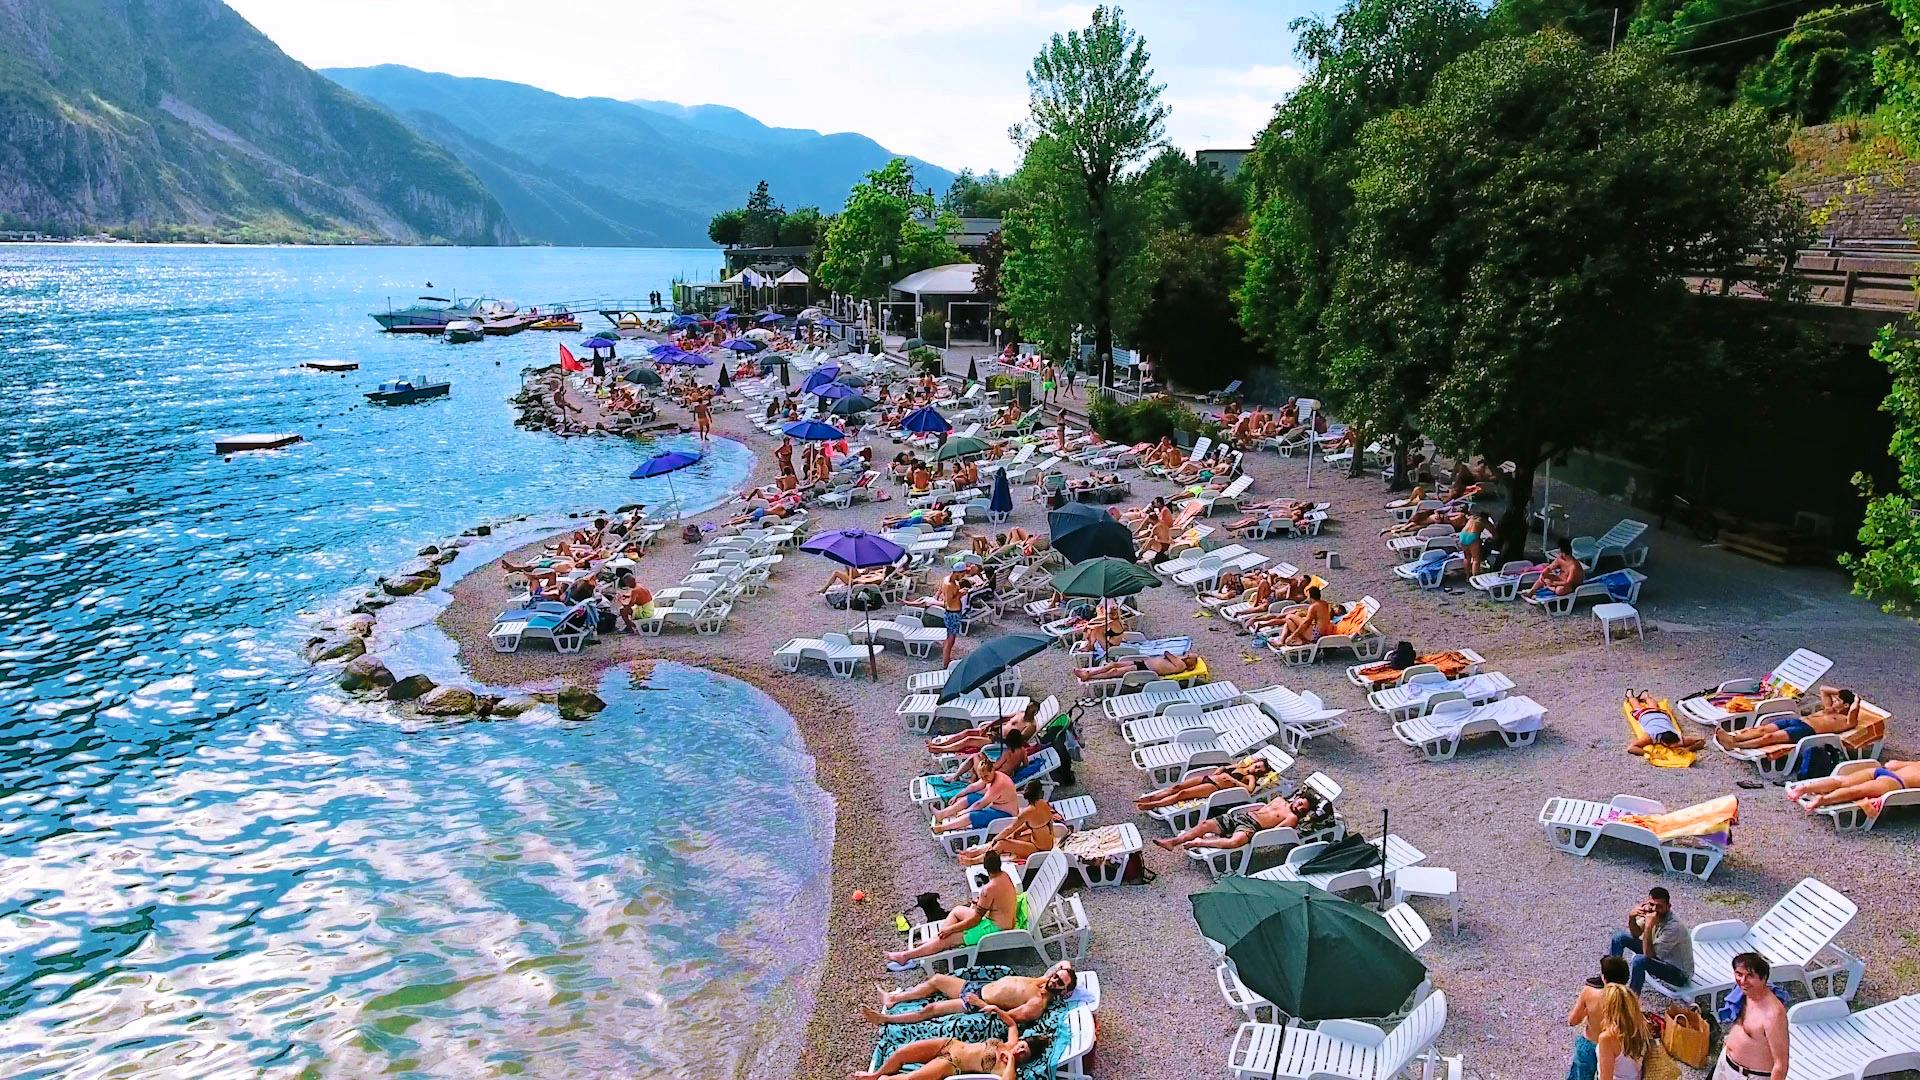 Orsa Maggiore beach in Lecco